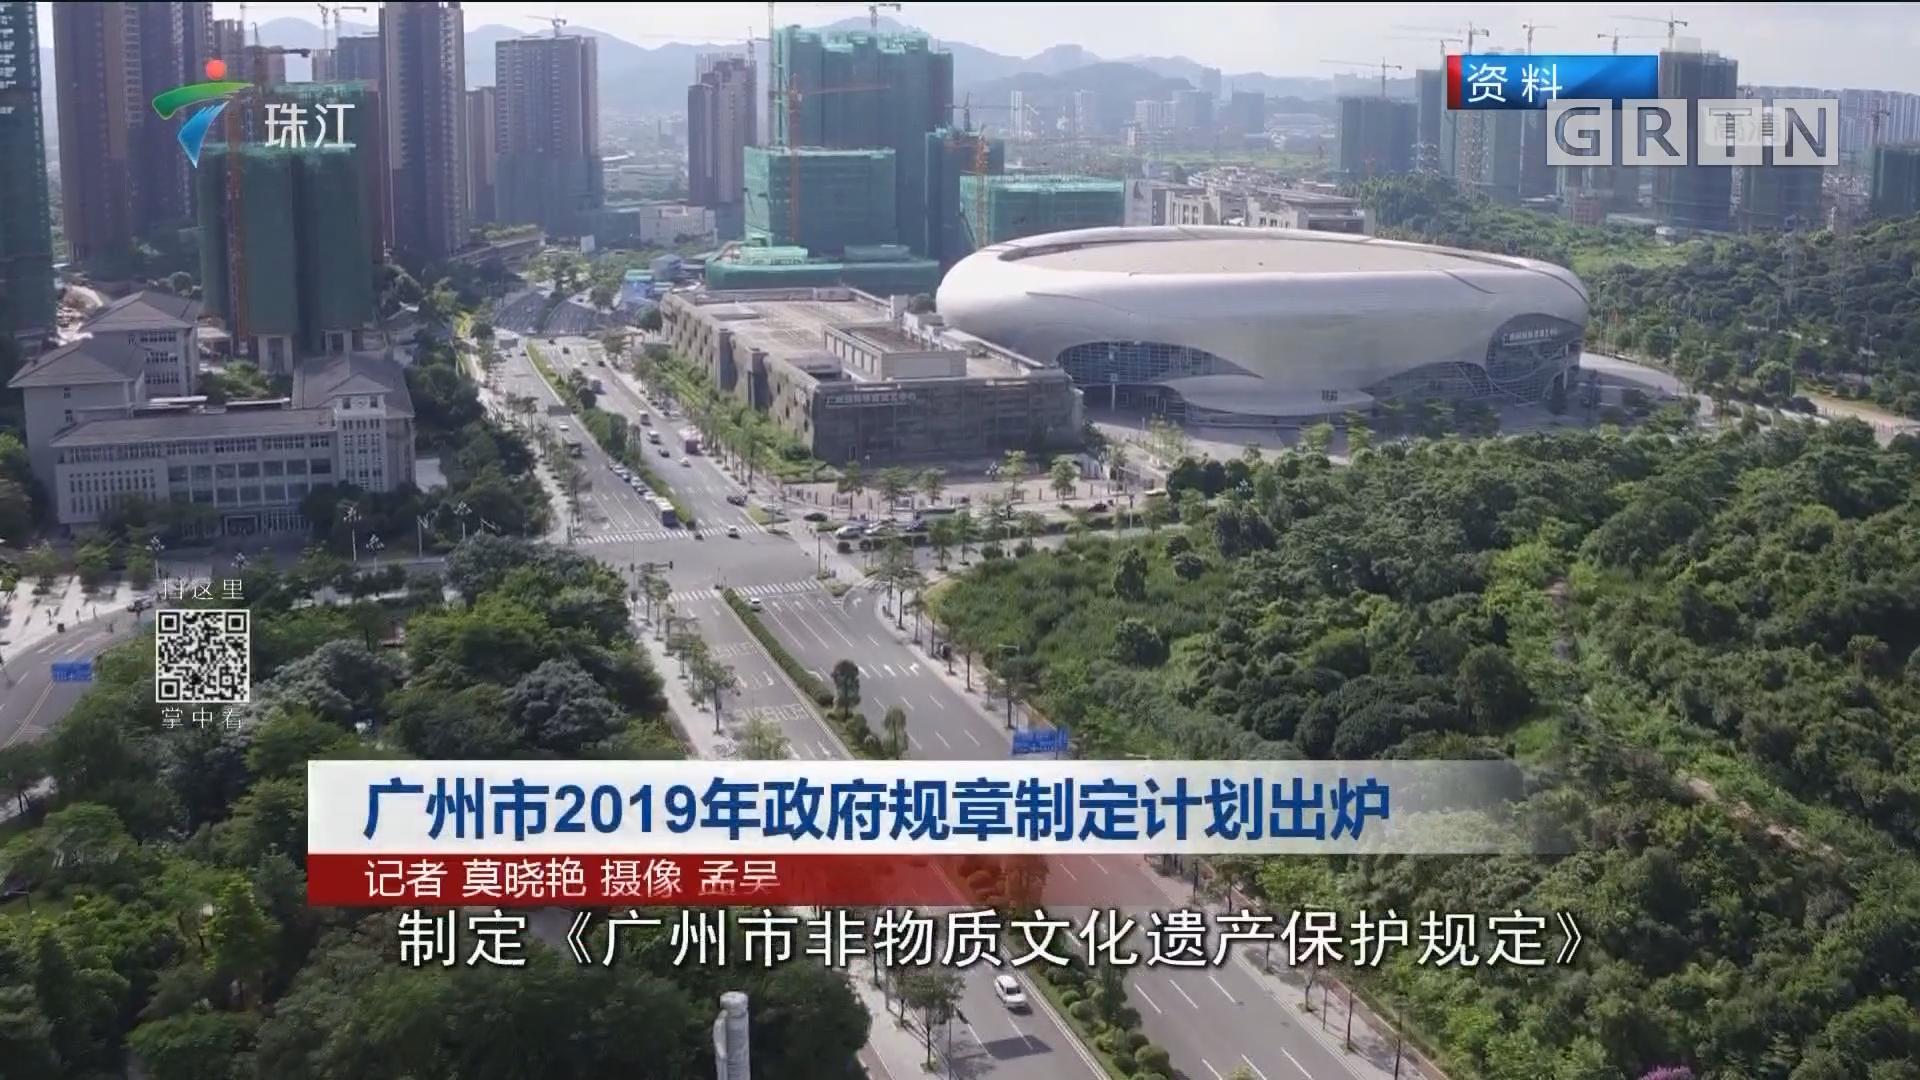 广州市2019年政府规章制定计划出炉